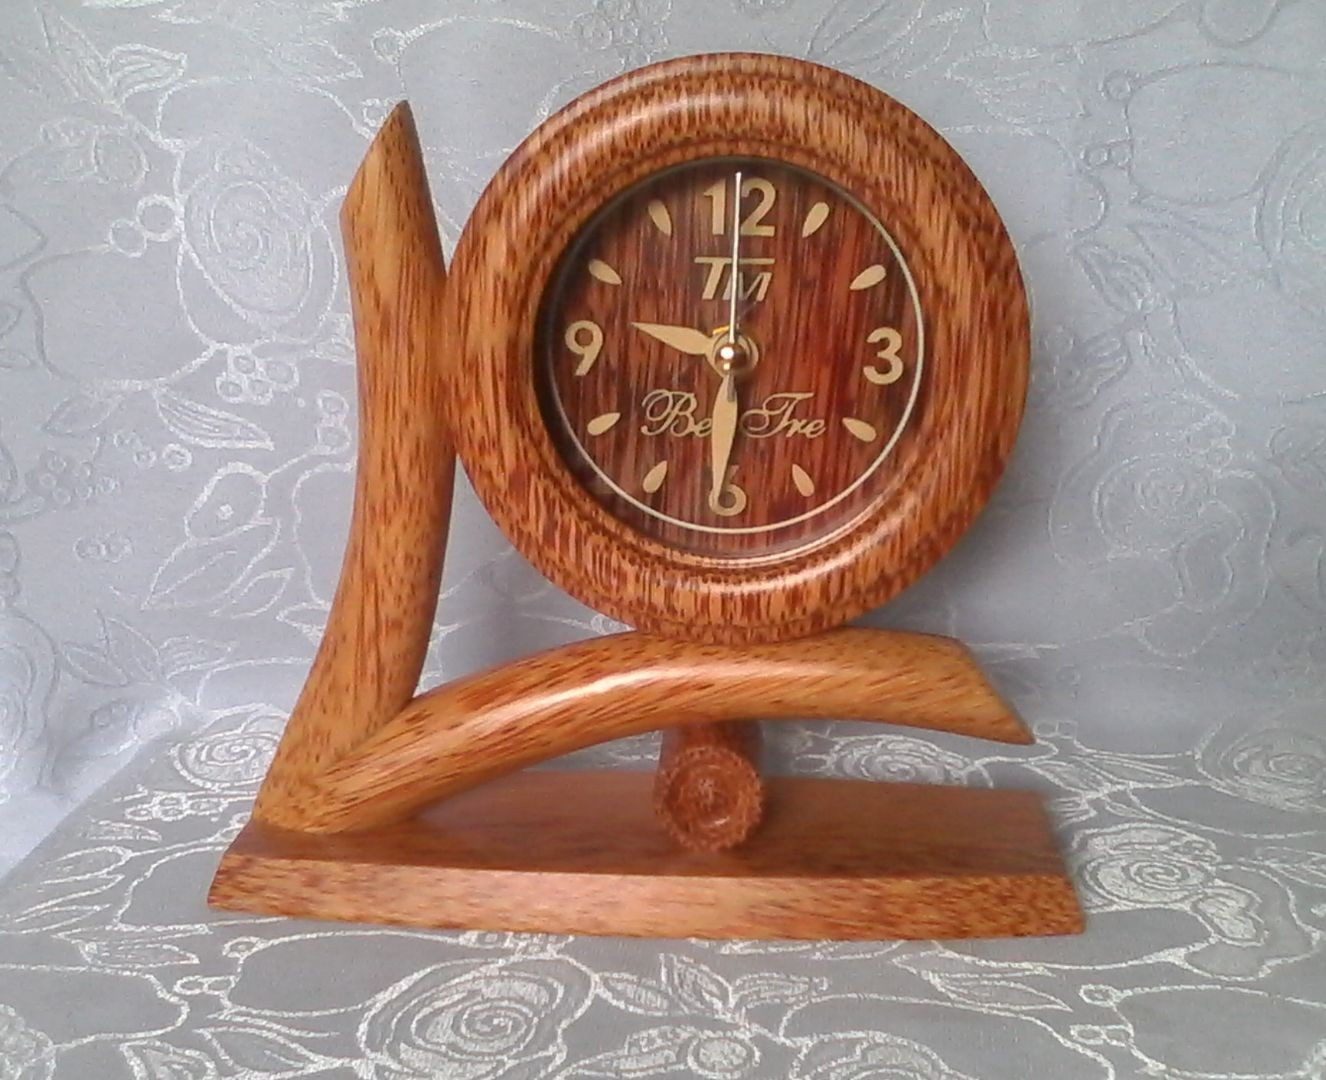 Đồng hồ hình chữ V gỗ dừa mỹ nghệ - Mỹ Nghệ Nam Trang